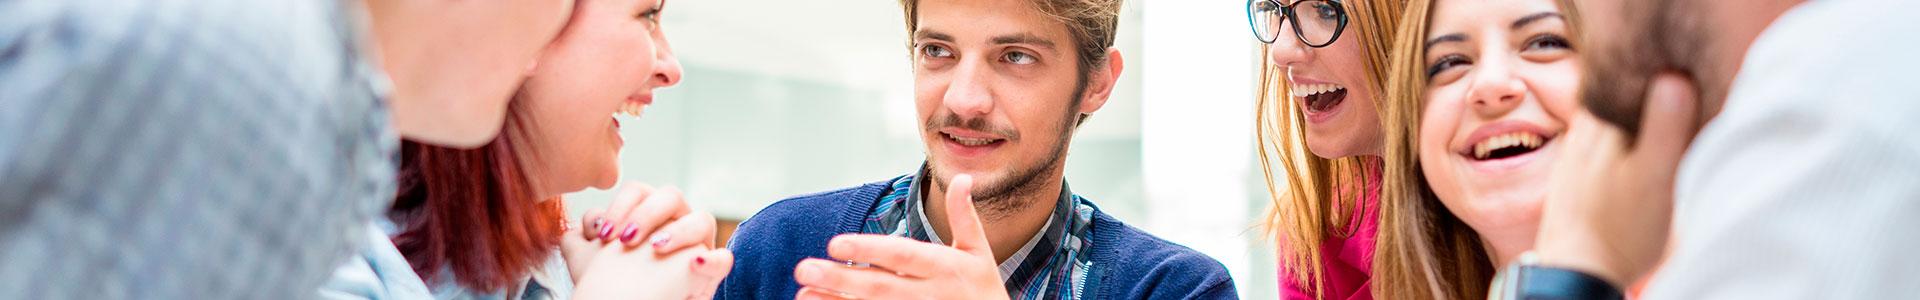 Admisiones para cursos de actualización - Facultad de Comunicación y Diseño - Universidad ORT Uruguay